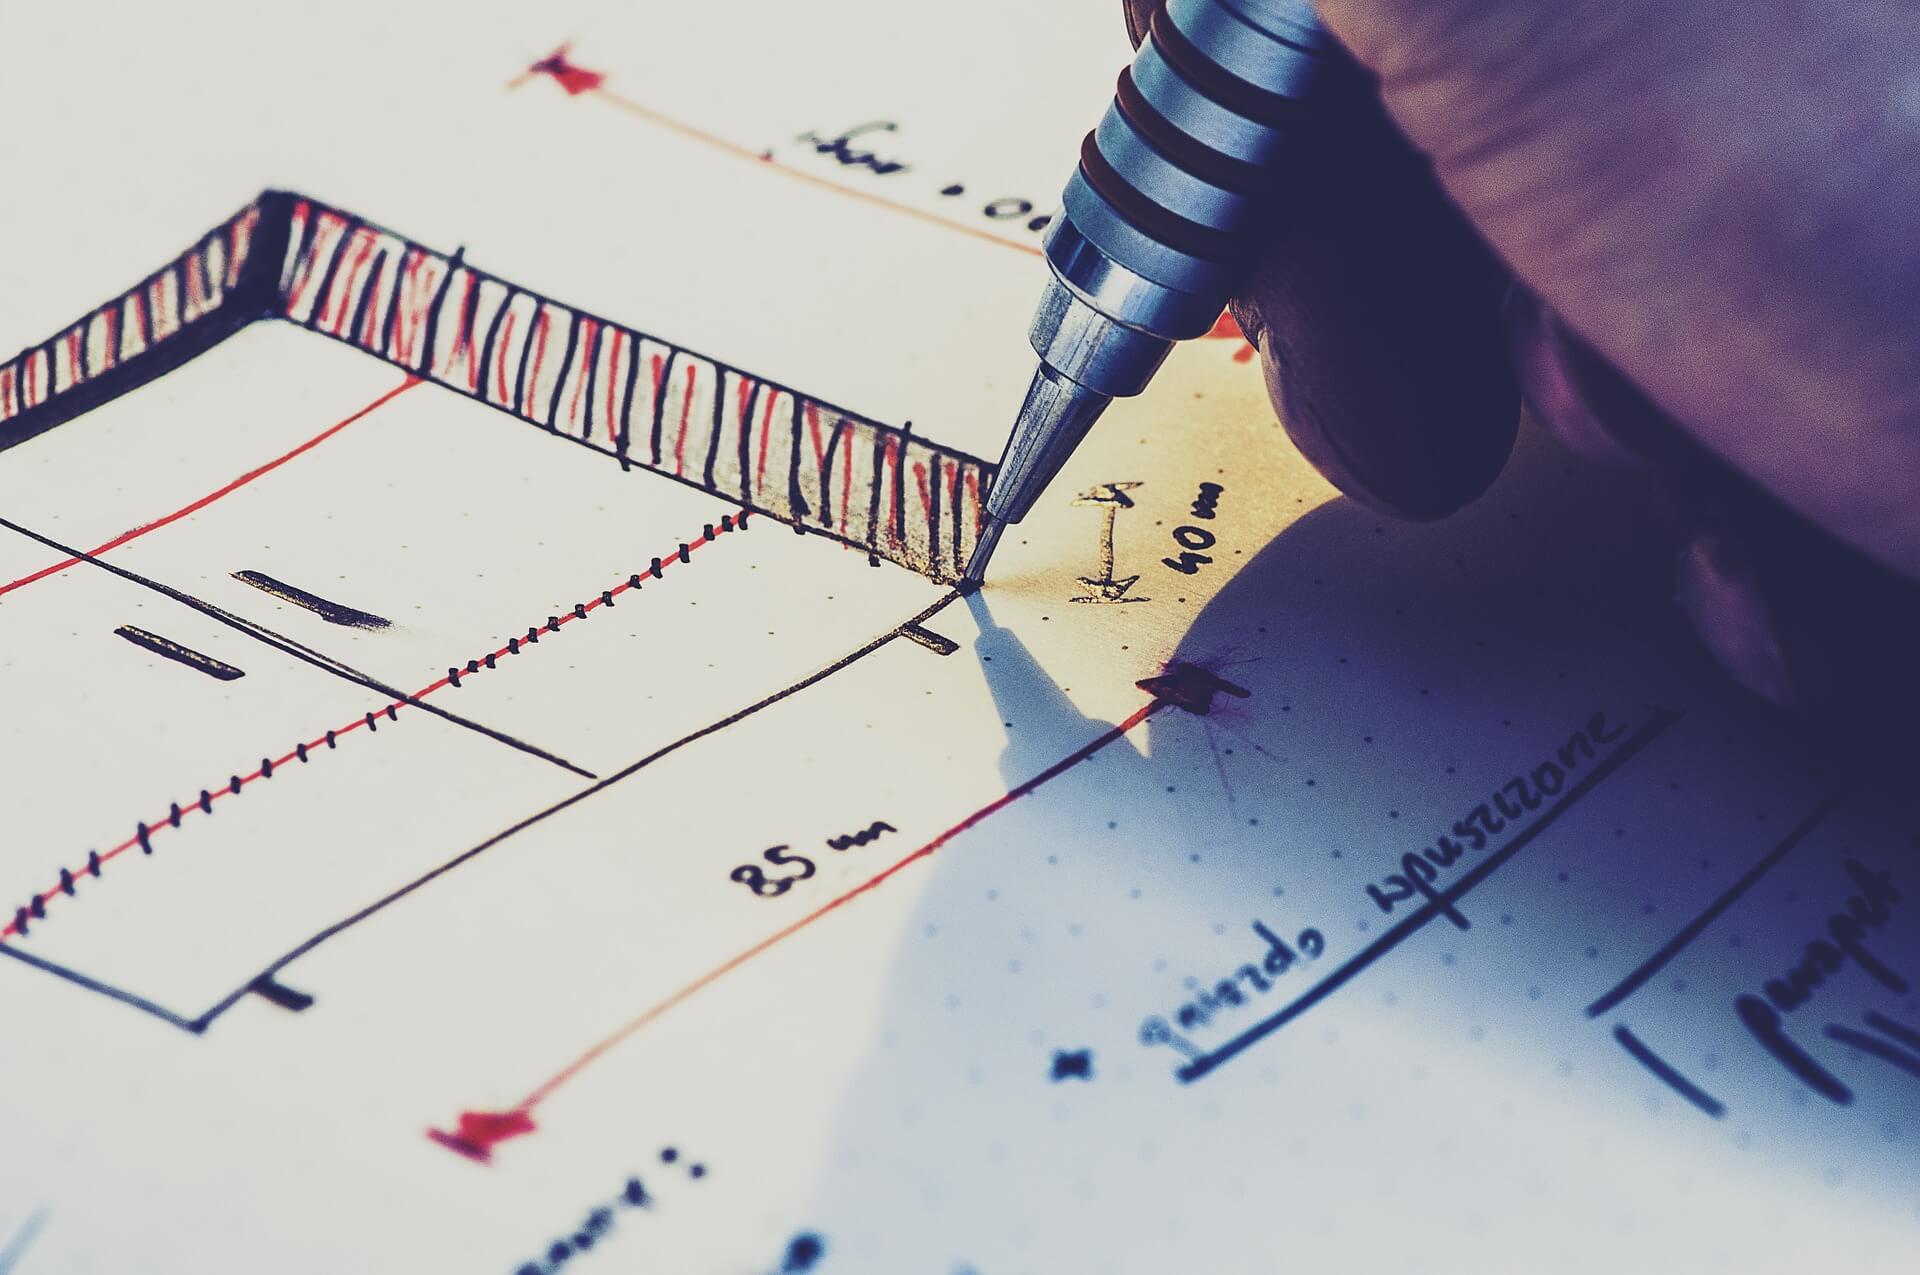 drawing-933207_19201 内装工事をお考えの方へ!よくあるトラブル事例と未然に防ぐための注意点を紹介!